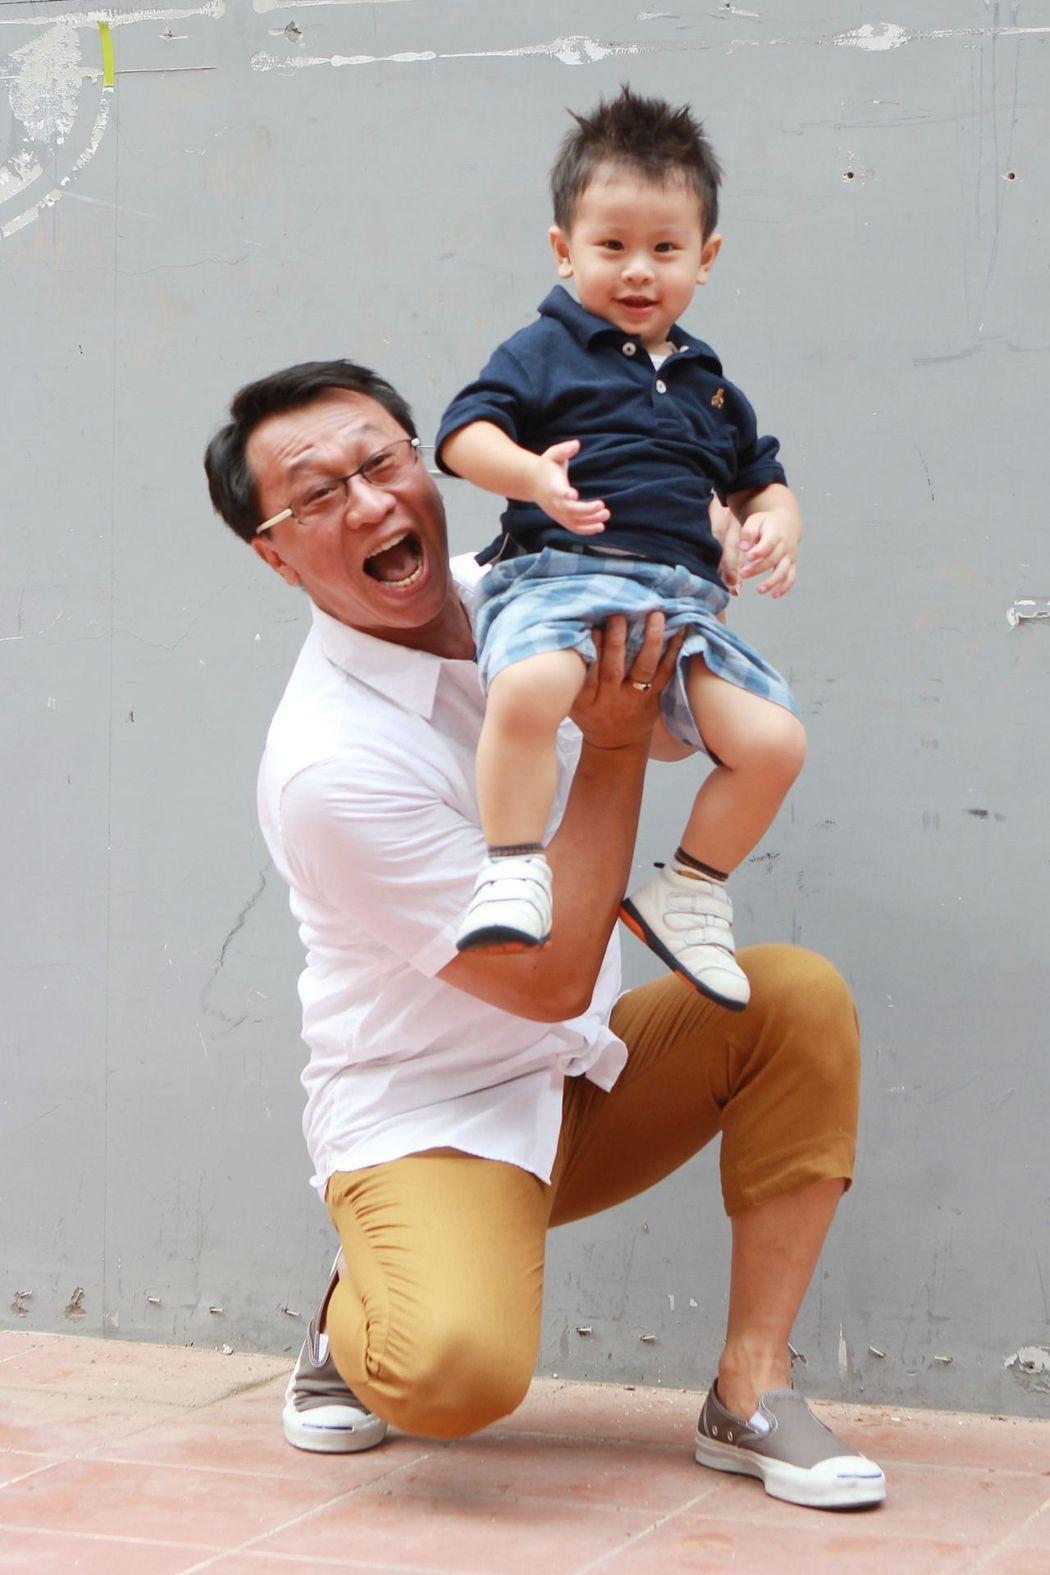 游安順2 歲兒子游禮活潑好動,父子情深。本報資料照